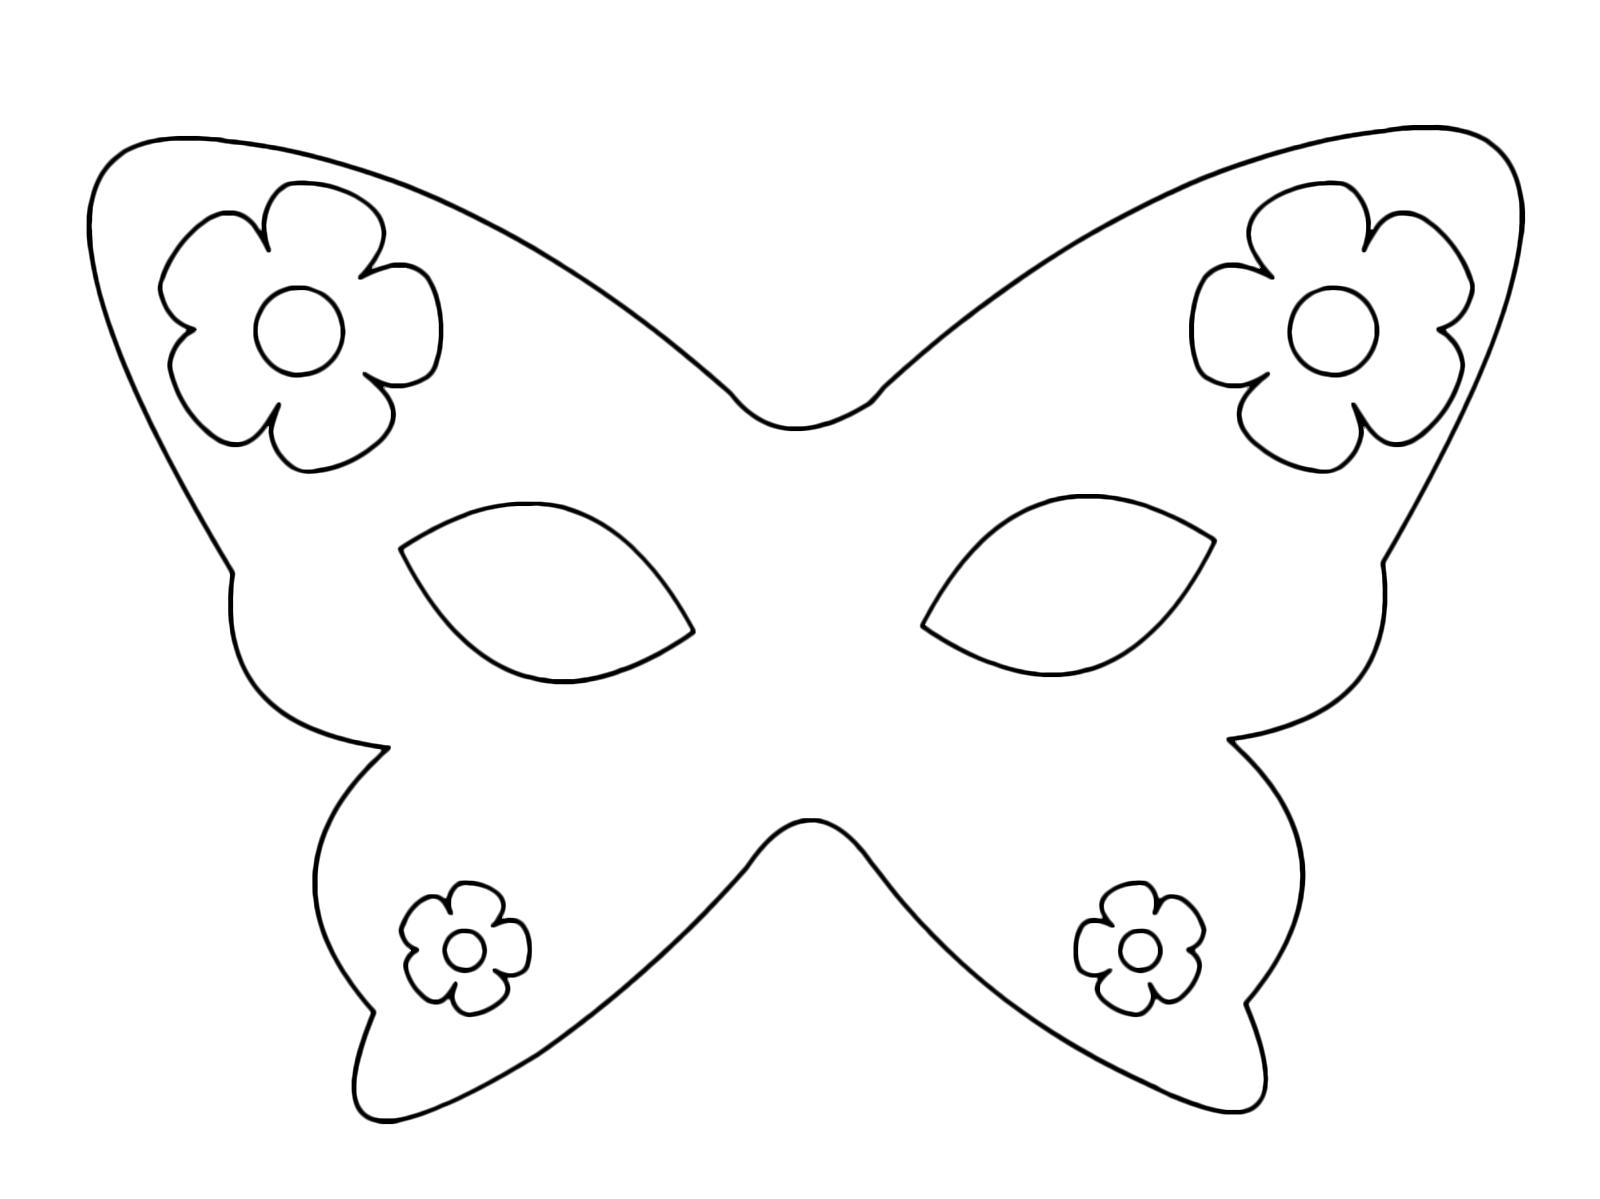 comprare popolare 2019 originale bello economico Carnevale - Una bella maschera di Carnevale da colorare